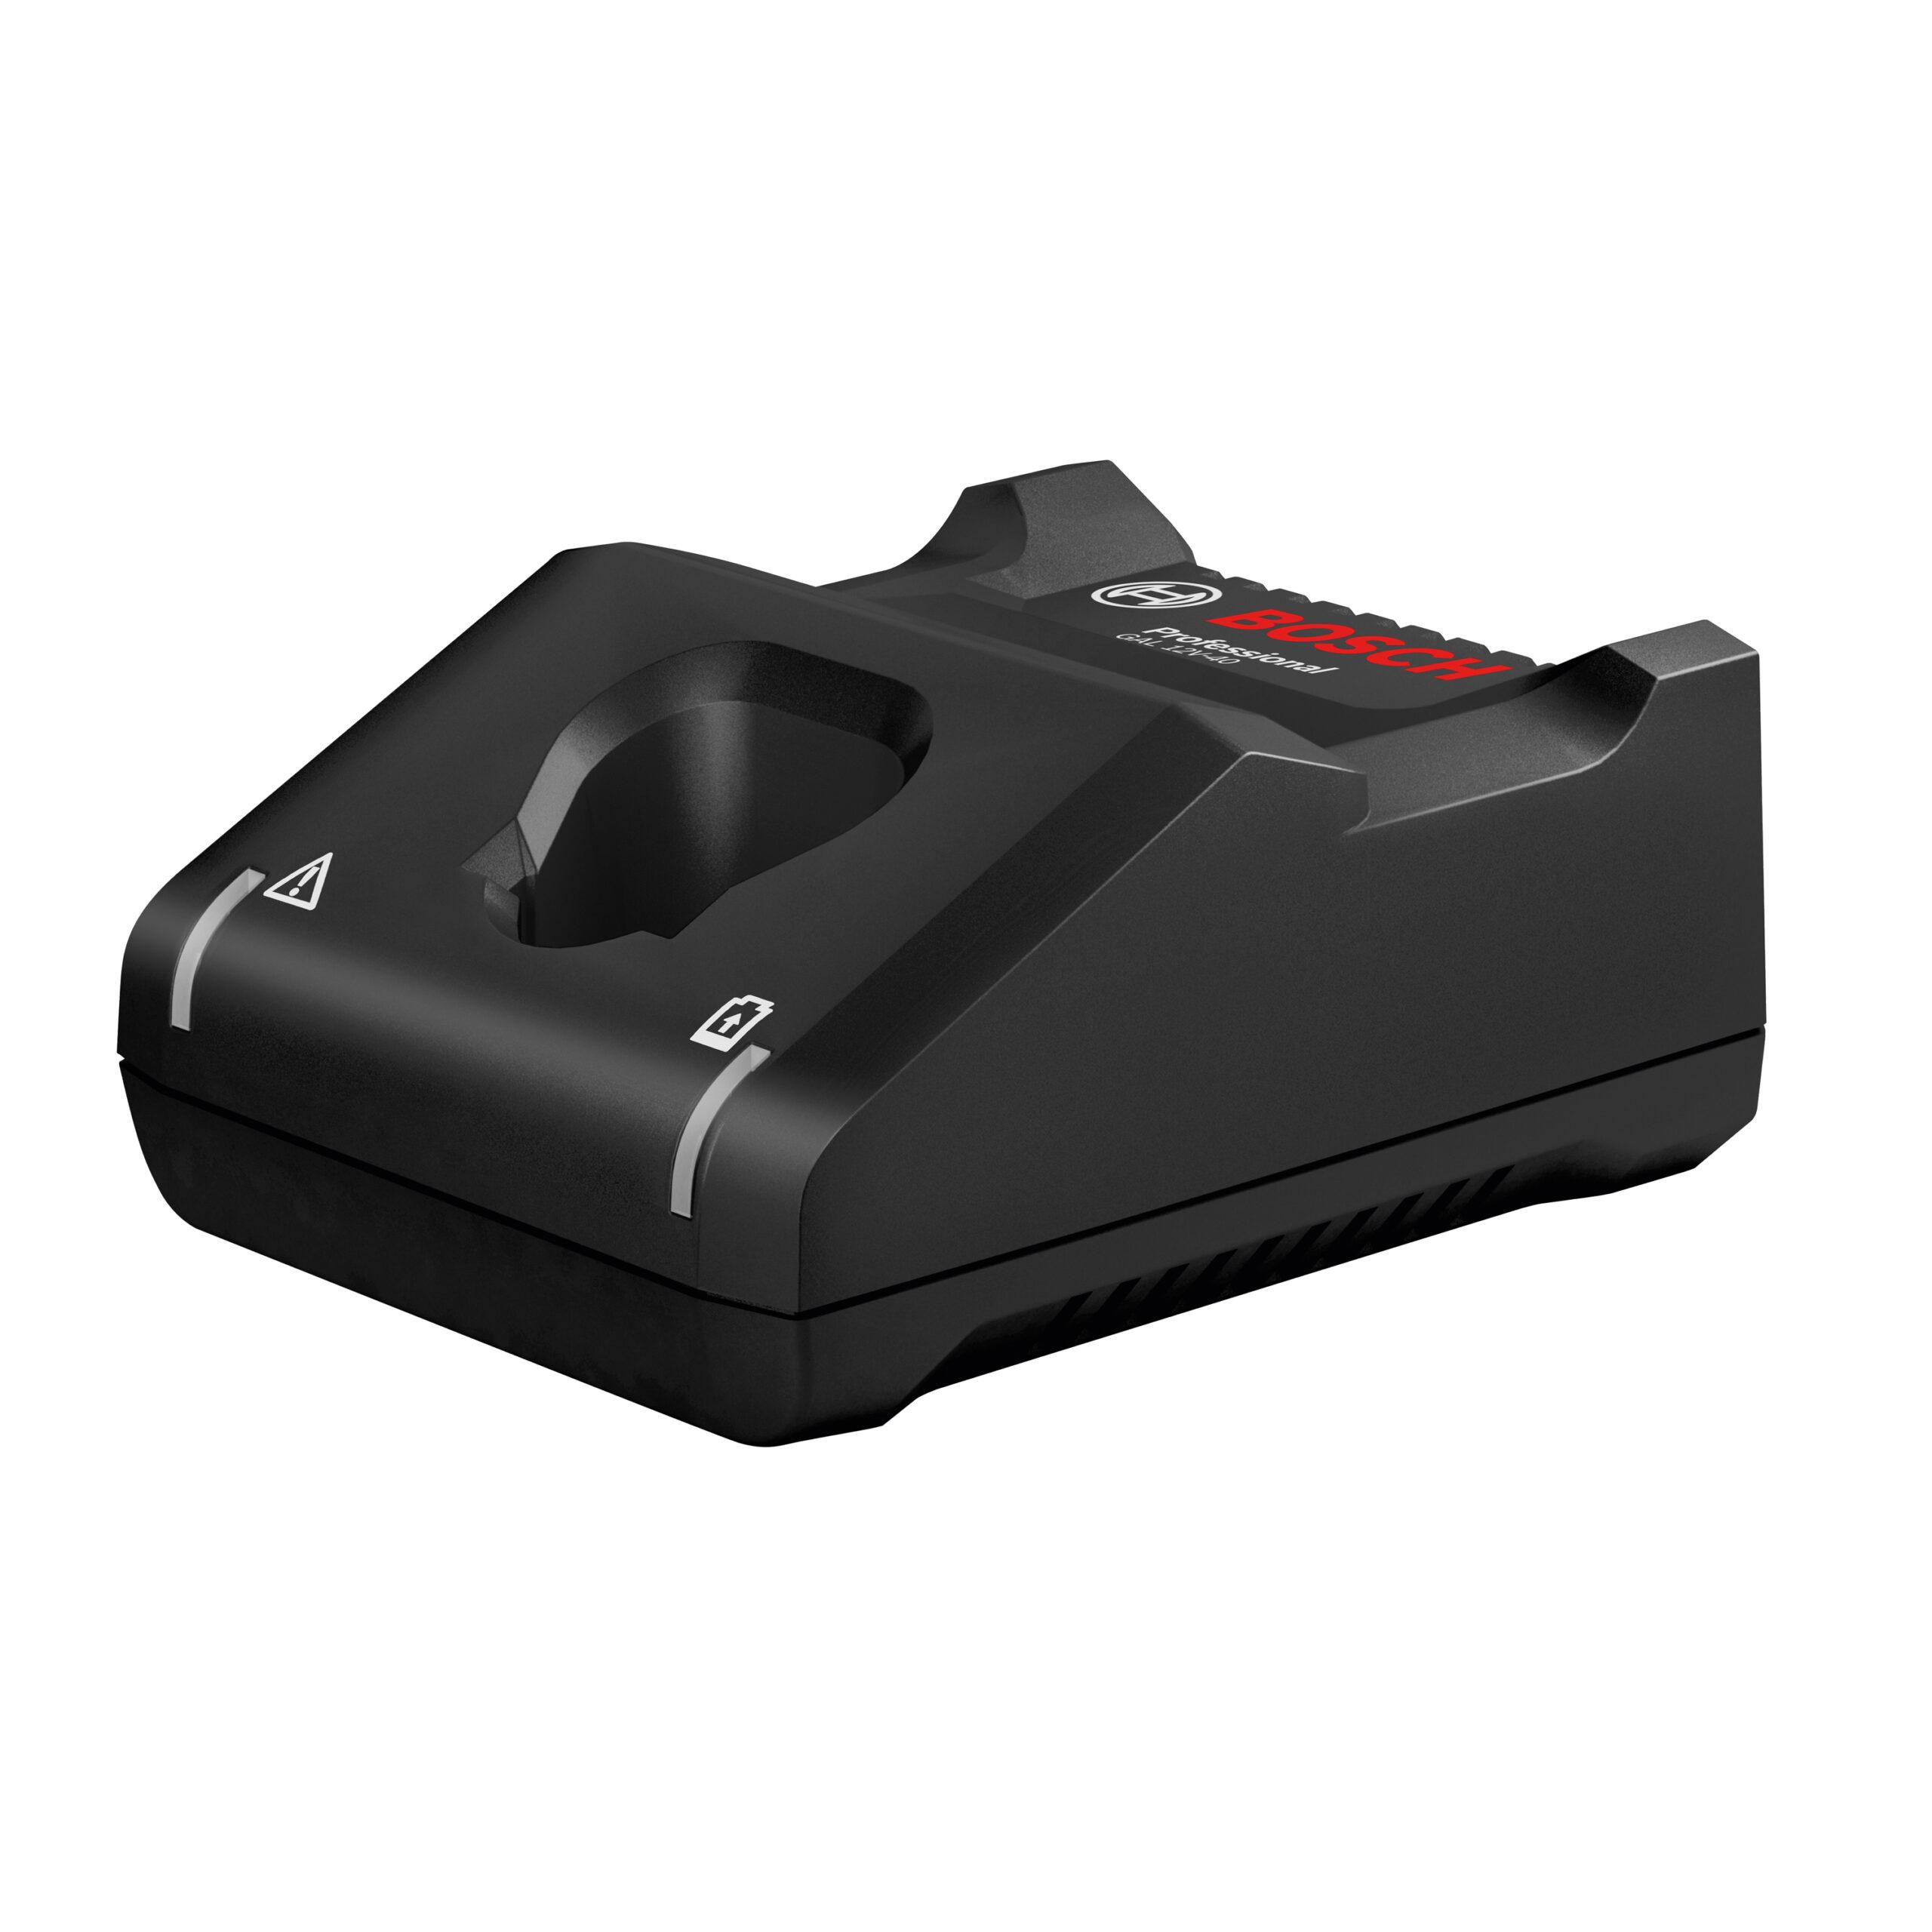 Зарядное устройство BOSCH GAL 12V-40. Код 2607226219 код 1600A019R3